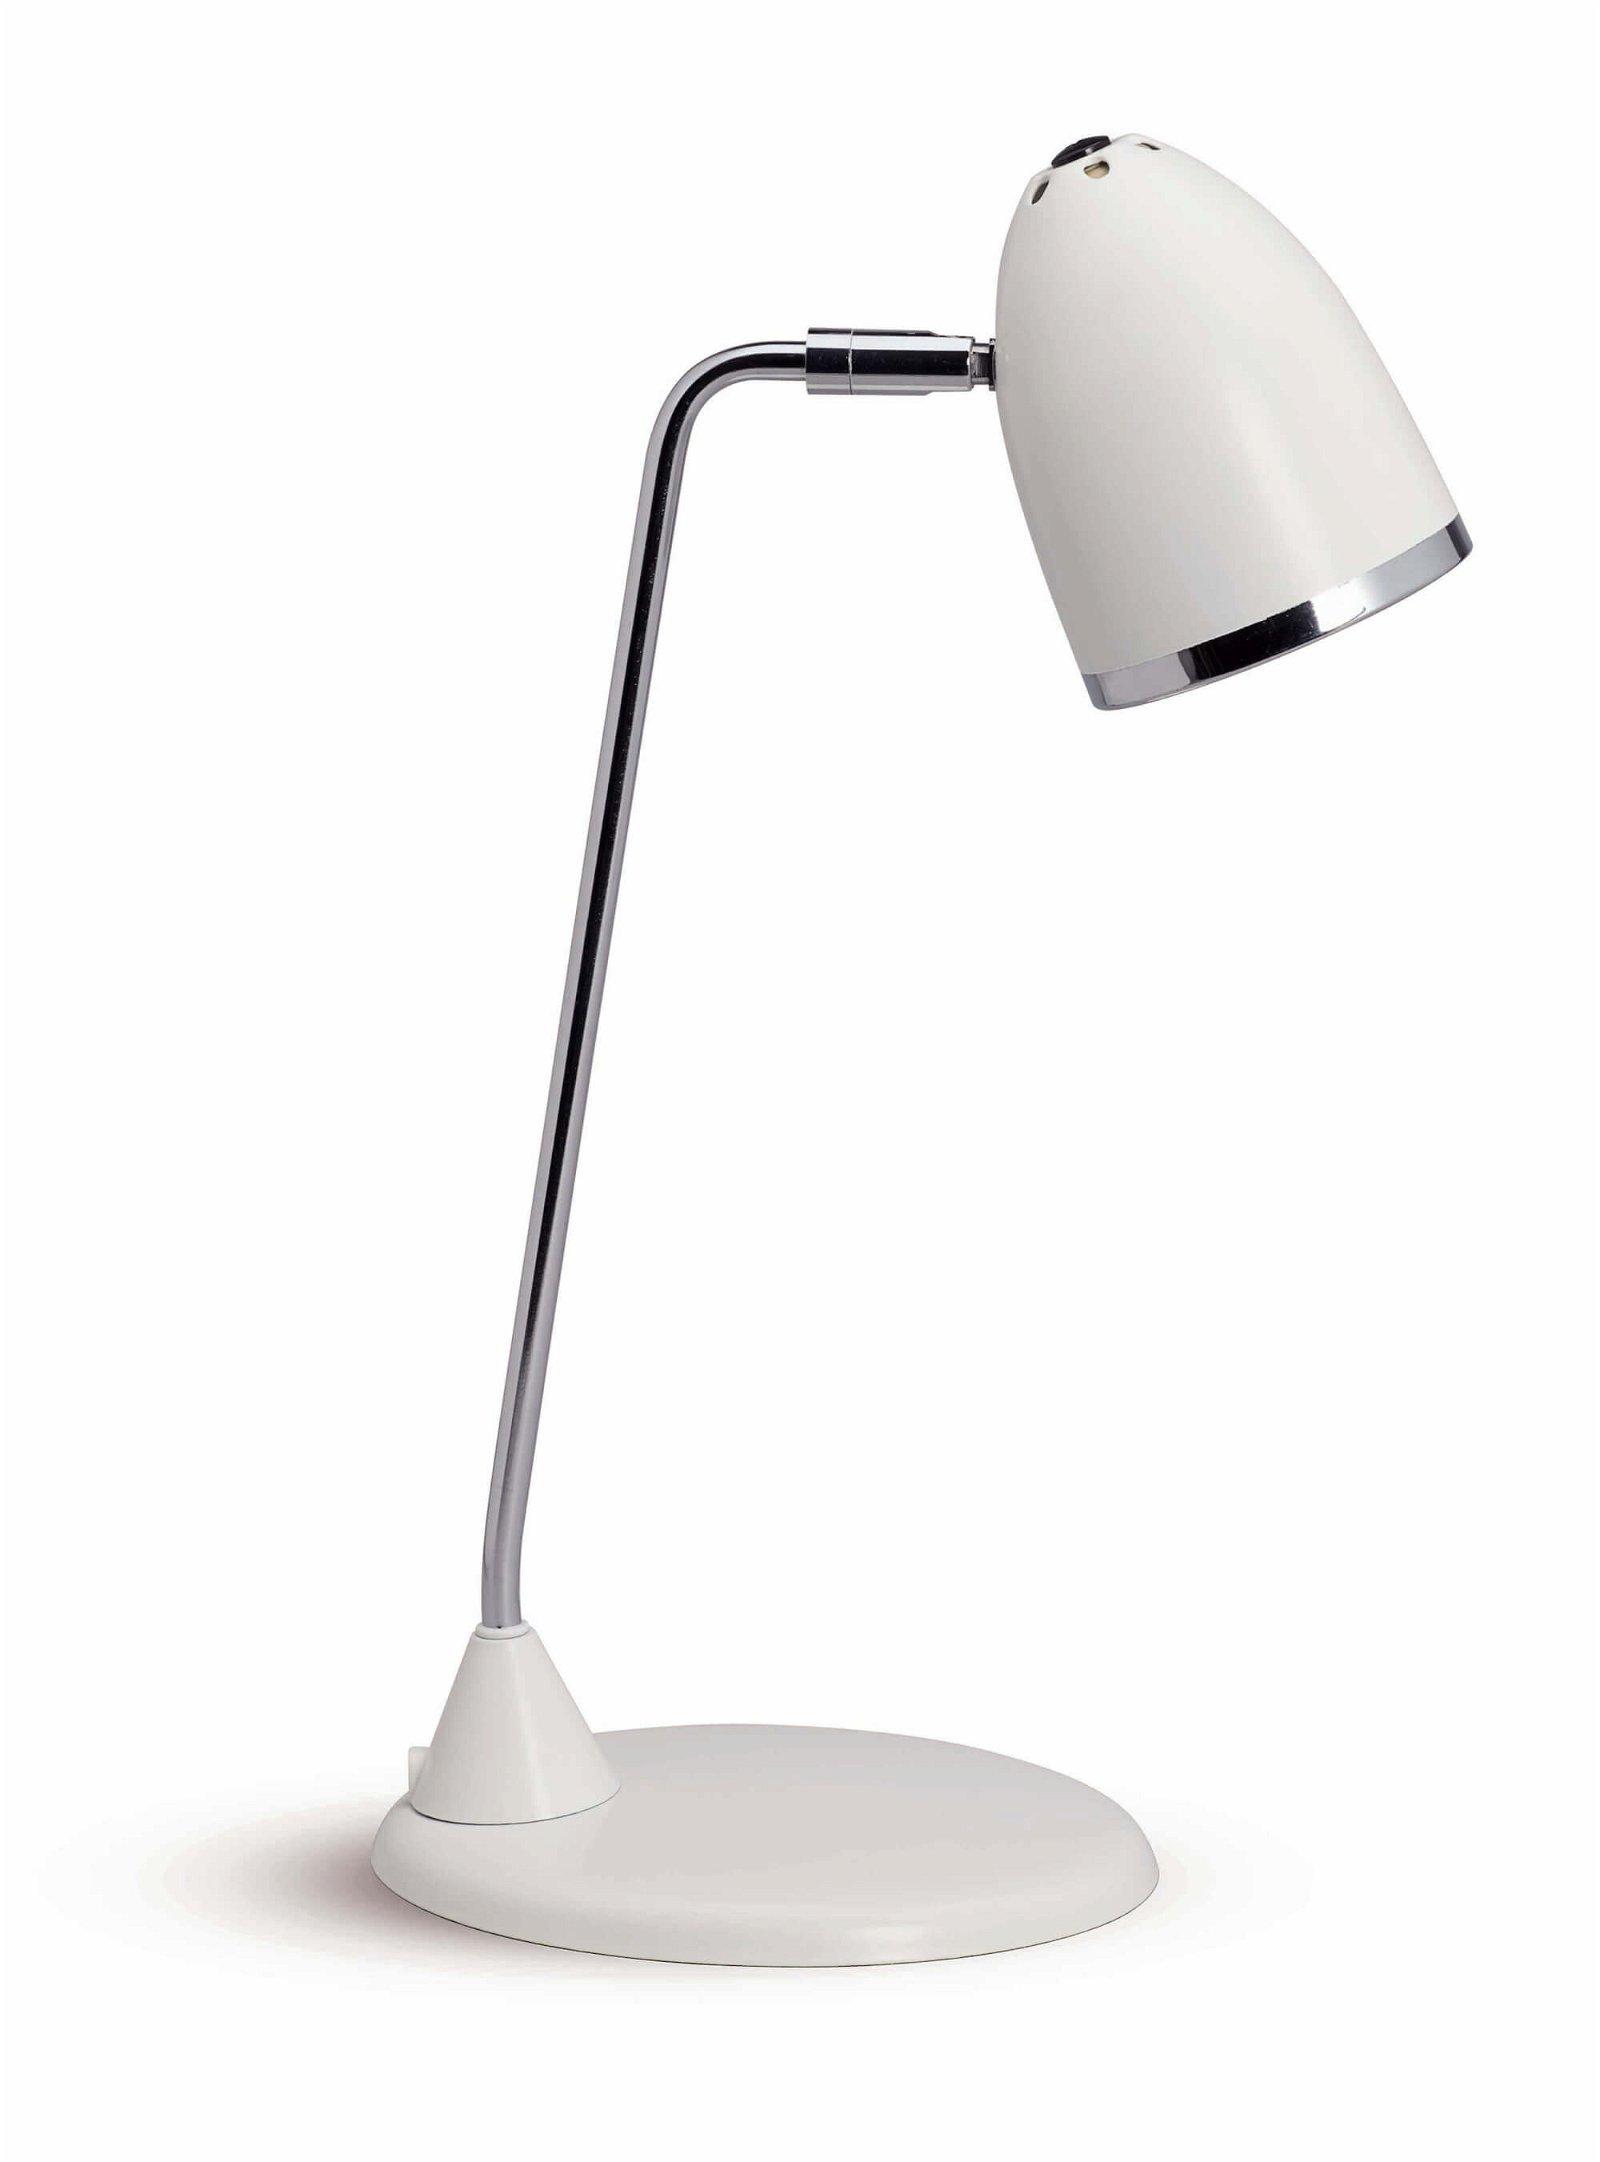 LED-Tischleuchte MAULstarlet, weiß